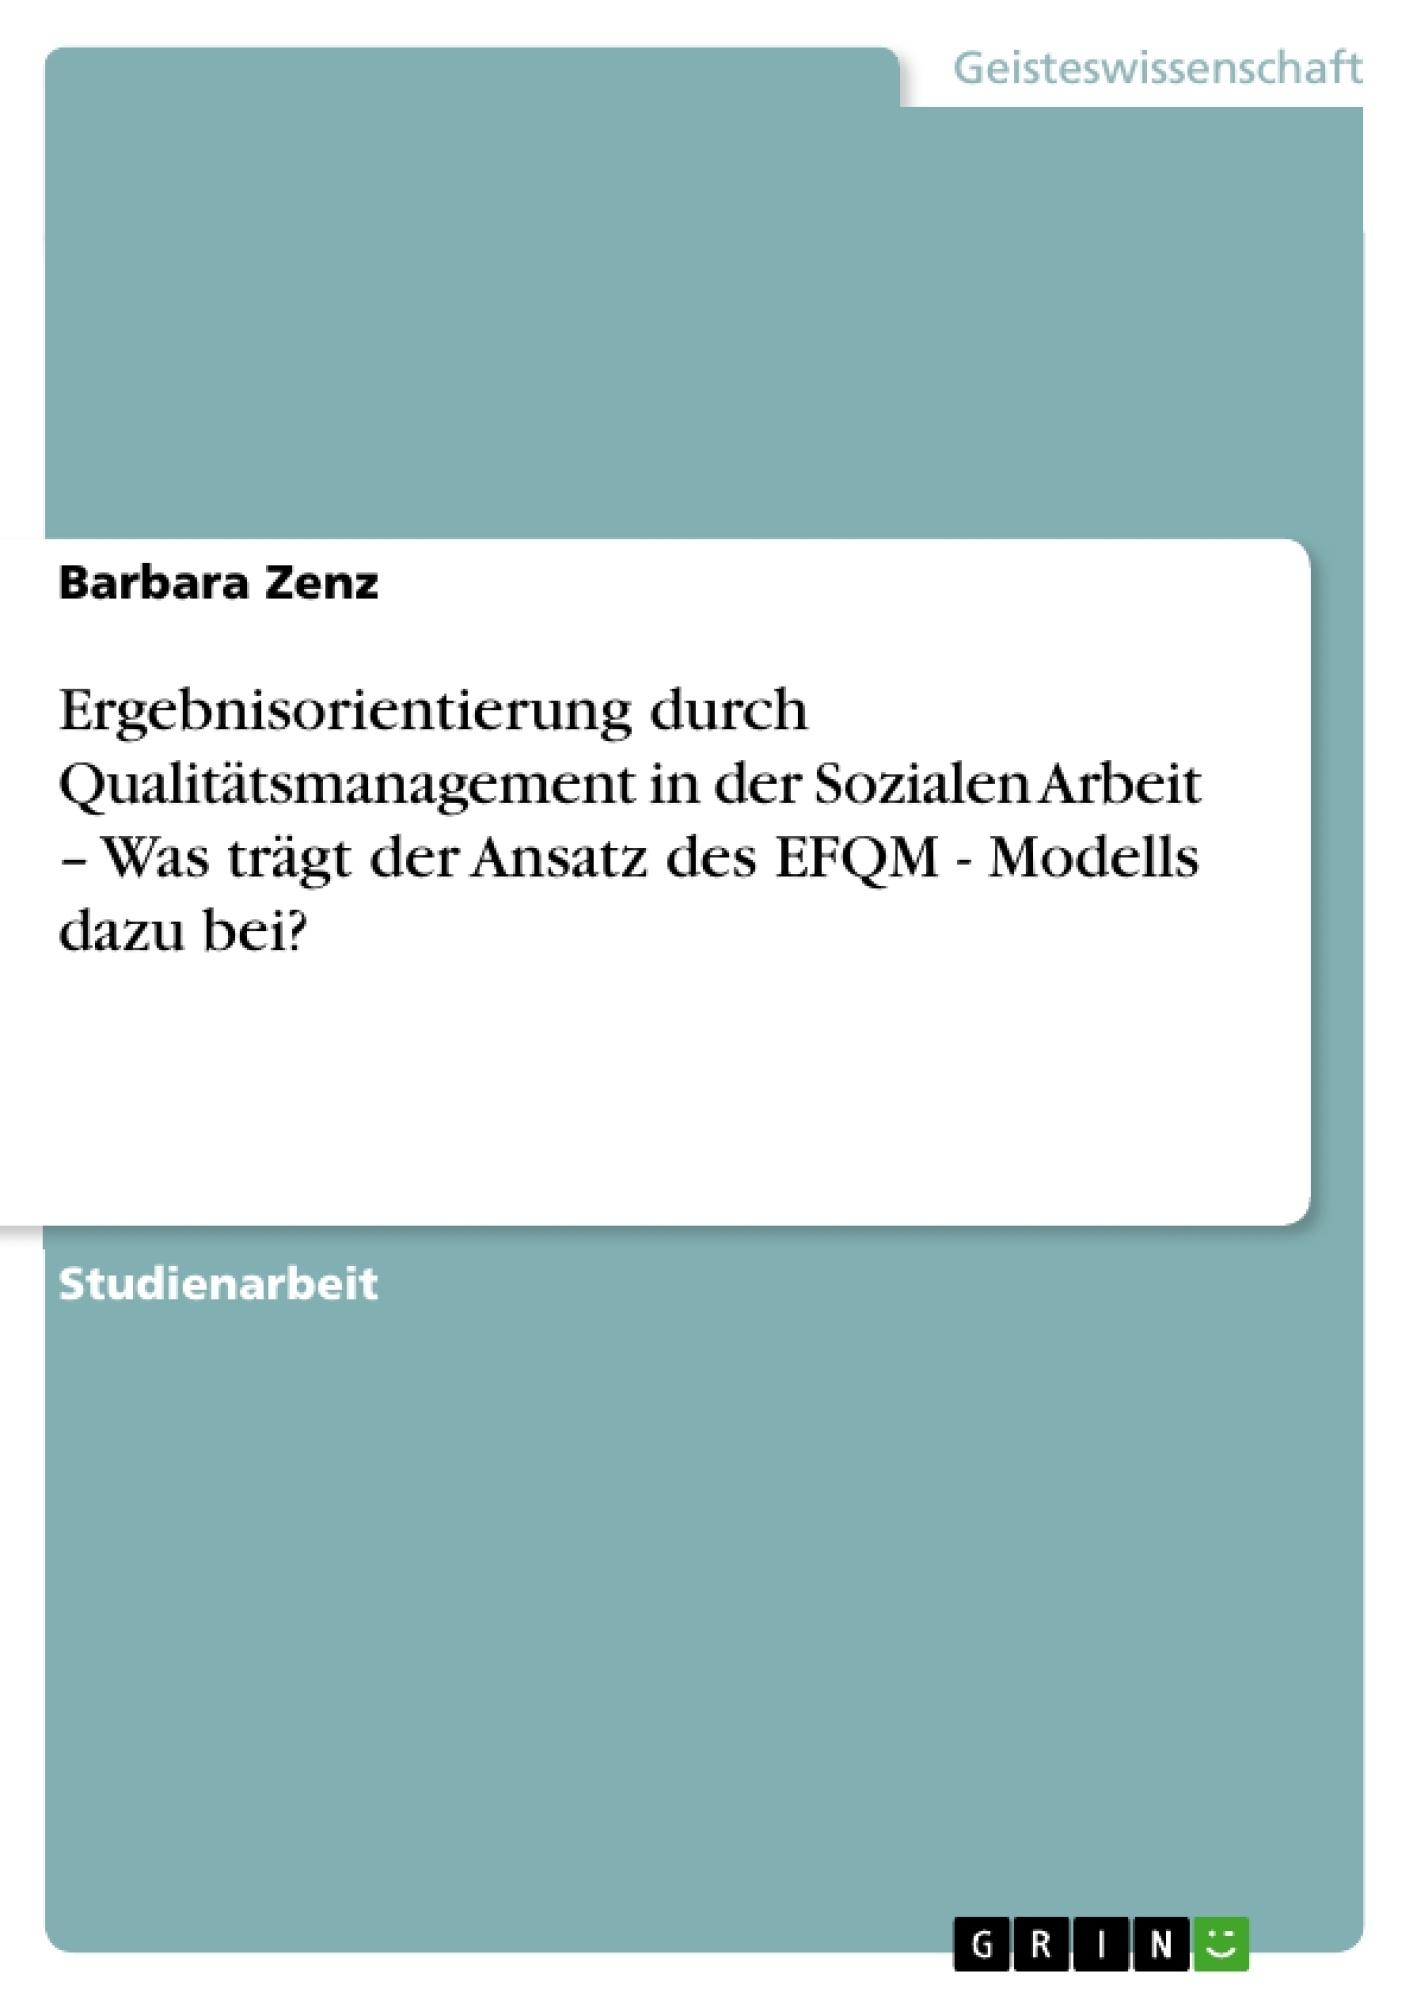 Titel: Ergebnisorientierung durch Qualitätsmanagement in der Sozialen Arbeit – Was trägt der Ansatz des EFQM - Modells dazu bei?